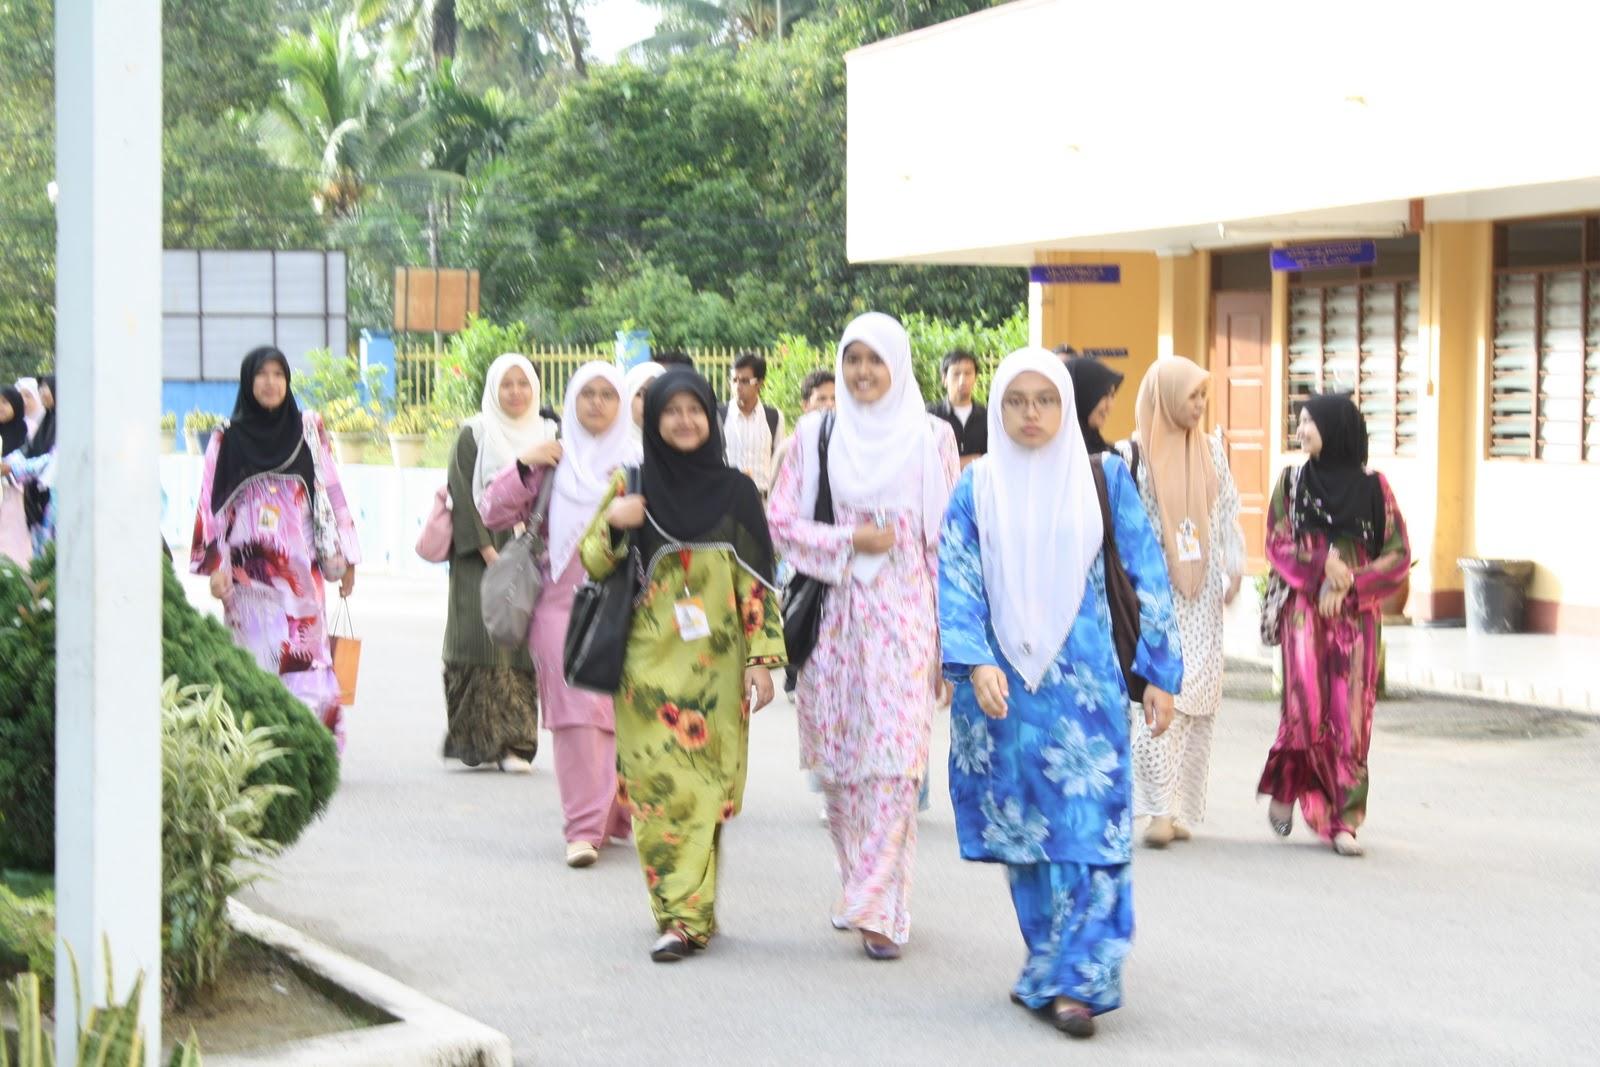 Rombongan Cik Kiah sampai ke SMA Maahad Al-Mizan :P